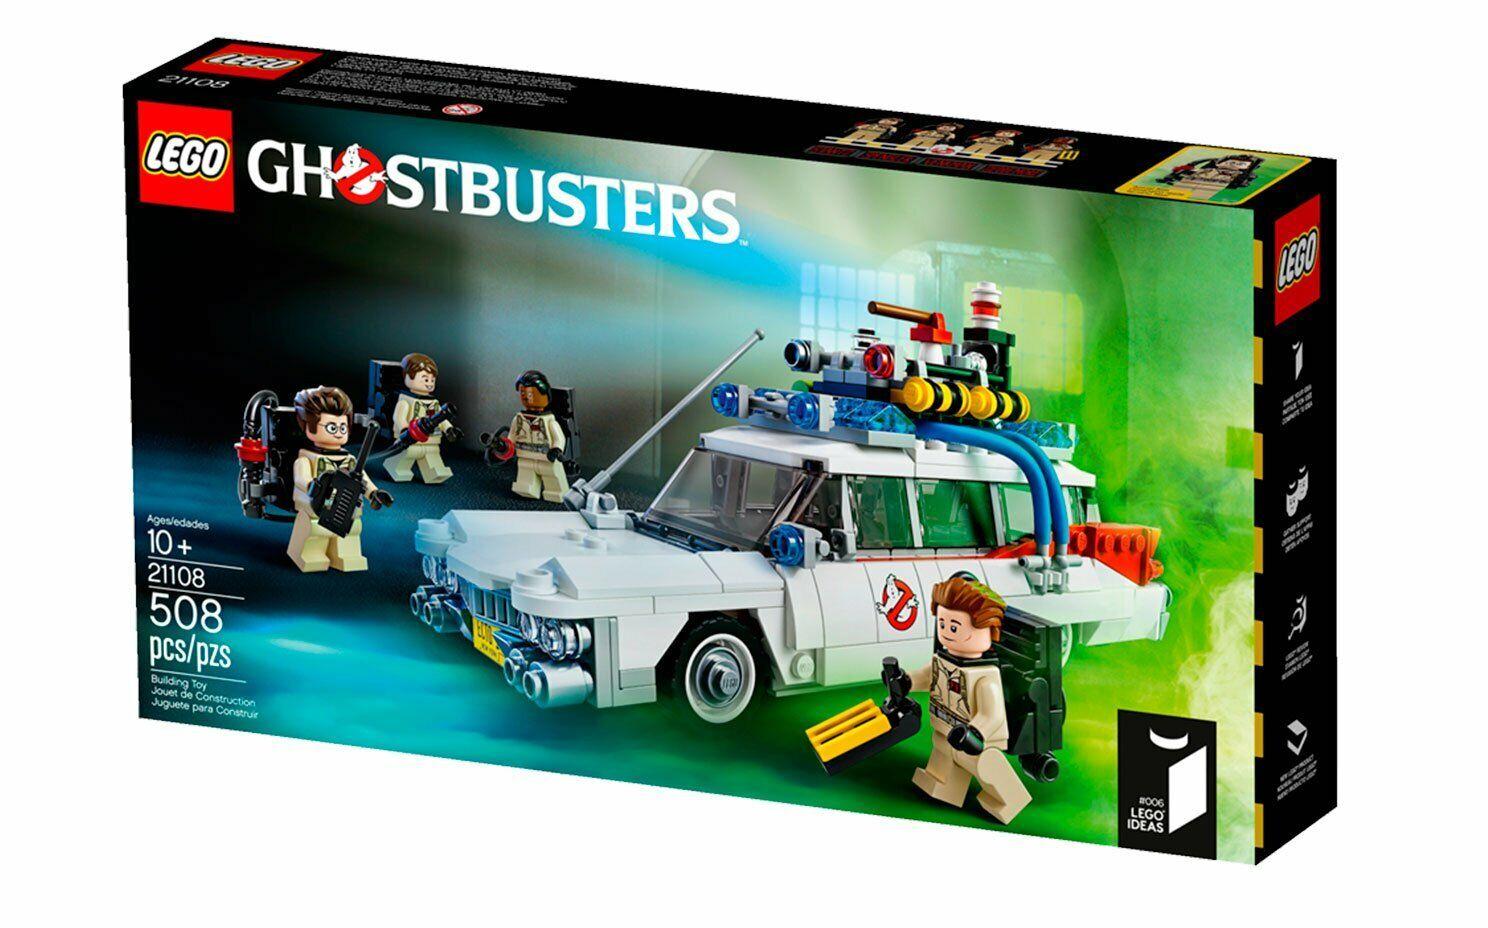 Jeux Nrppen1851 Jouets Et Ecto Idées Ghostbusters 1 Van Lego 21108 rdsCtBhQx